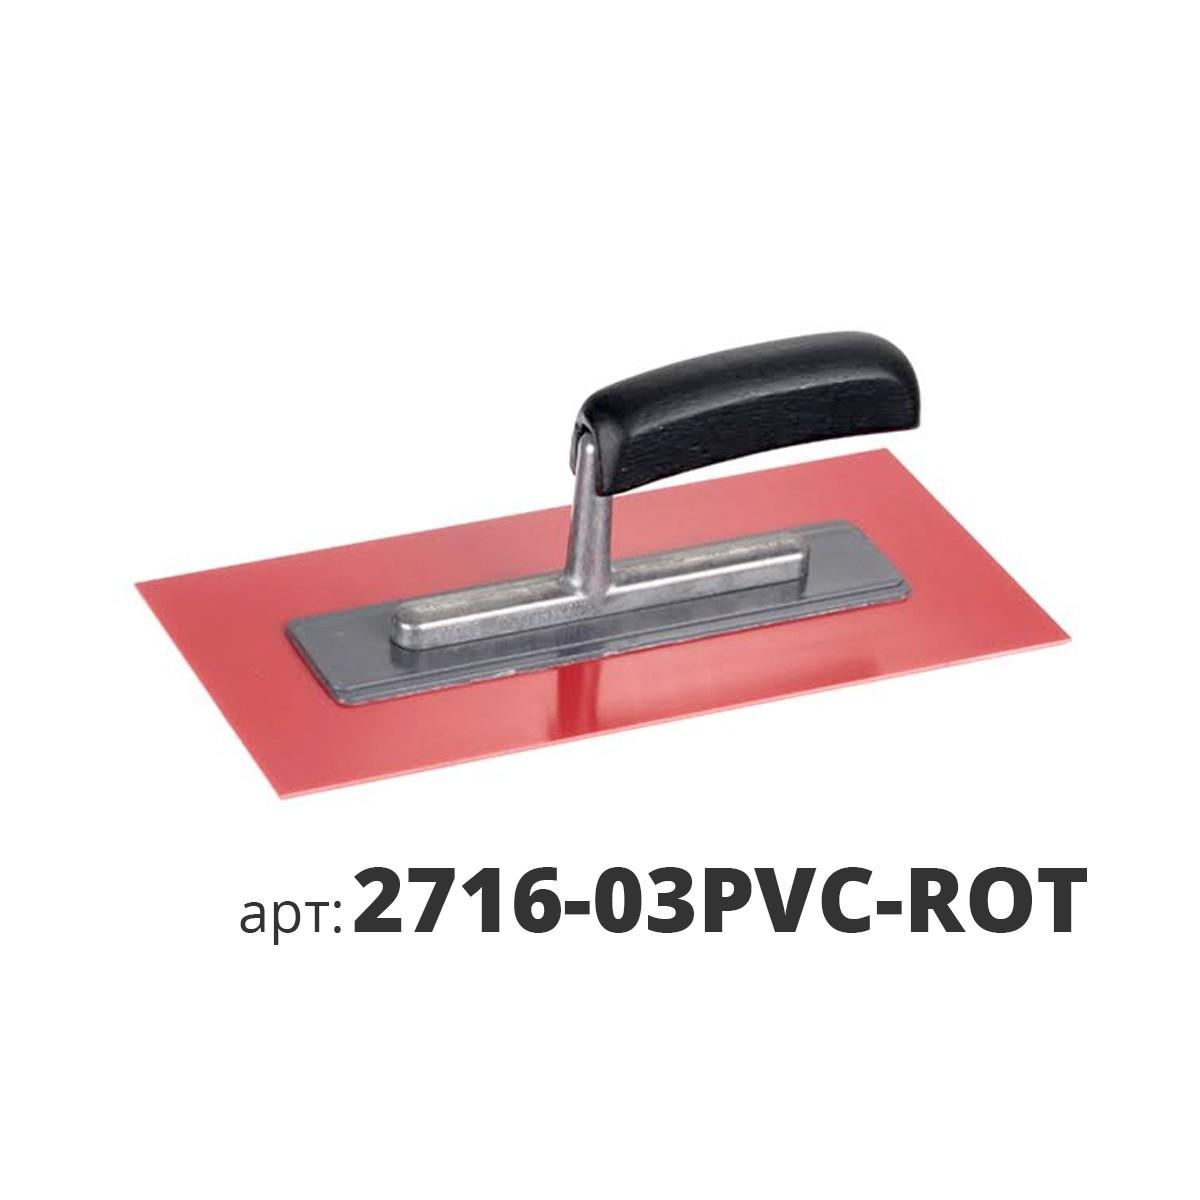 KUHLEN кельма пластиковая прямоугольная 2716-03PVC-ROT